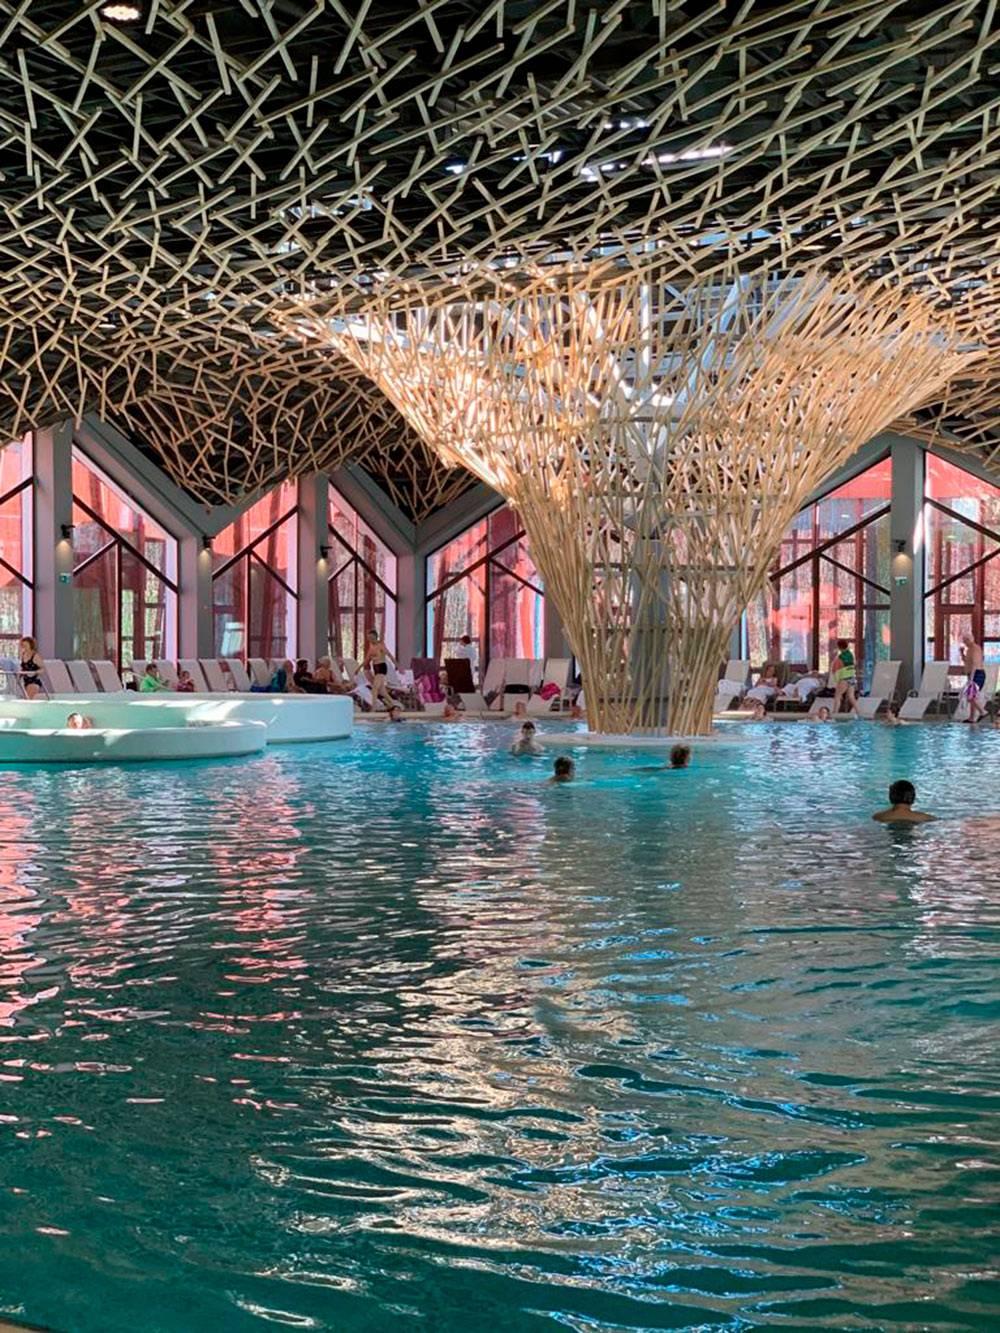 Обычно термальный курорт — это комплекс из отеля, источников и бассейнов с термальной водой